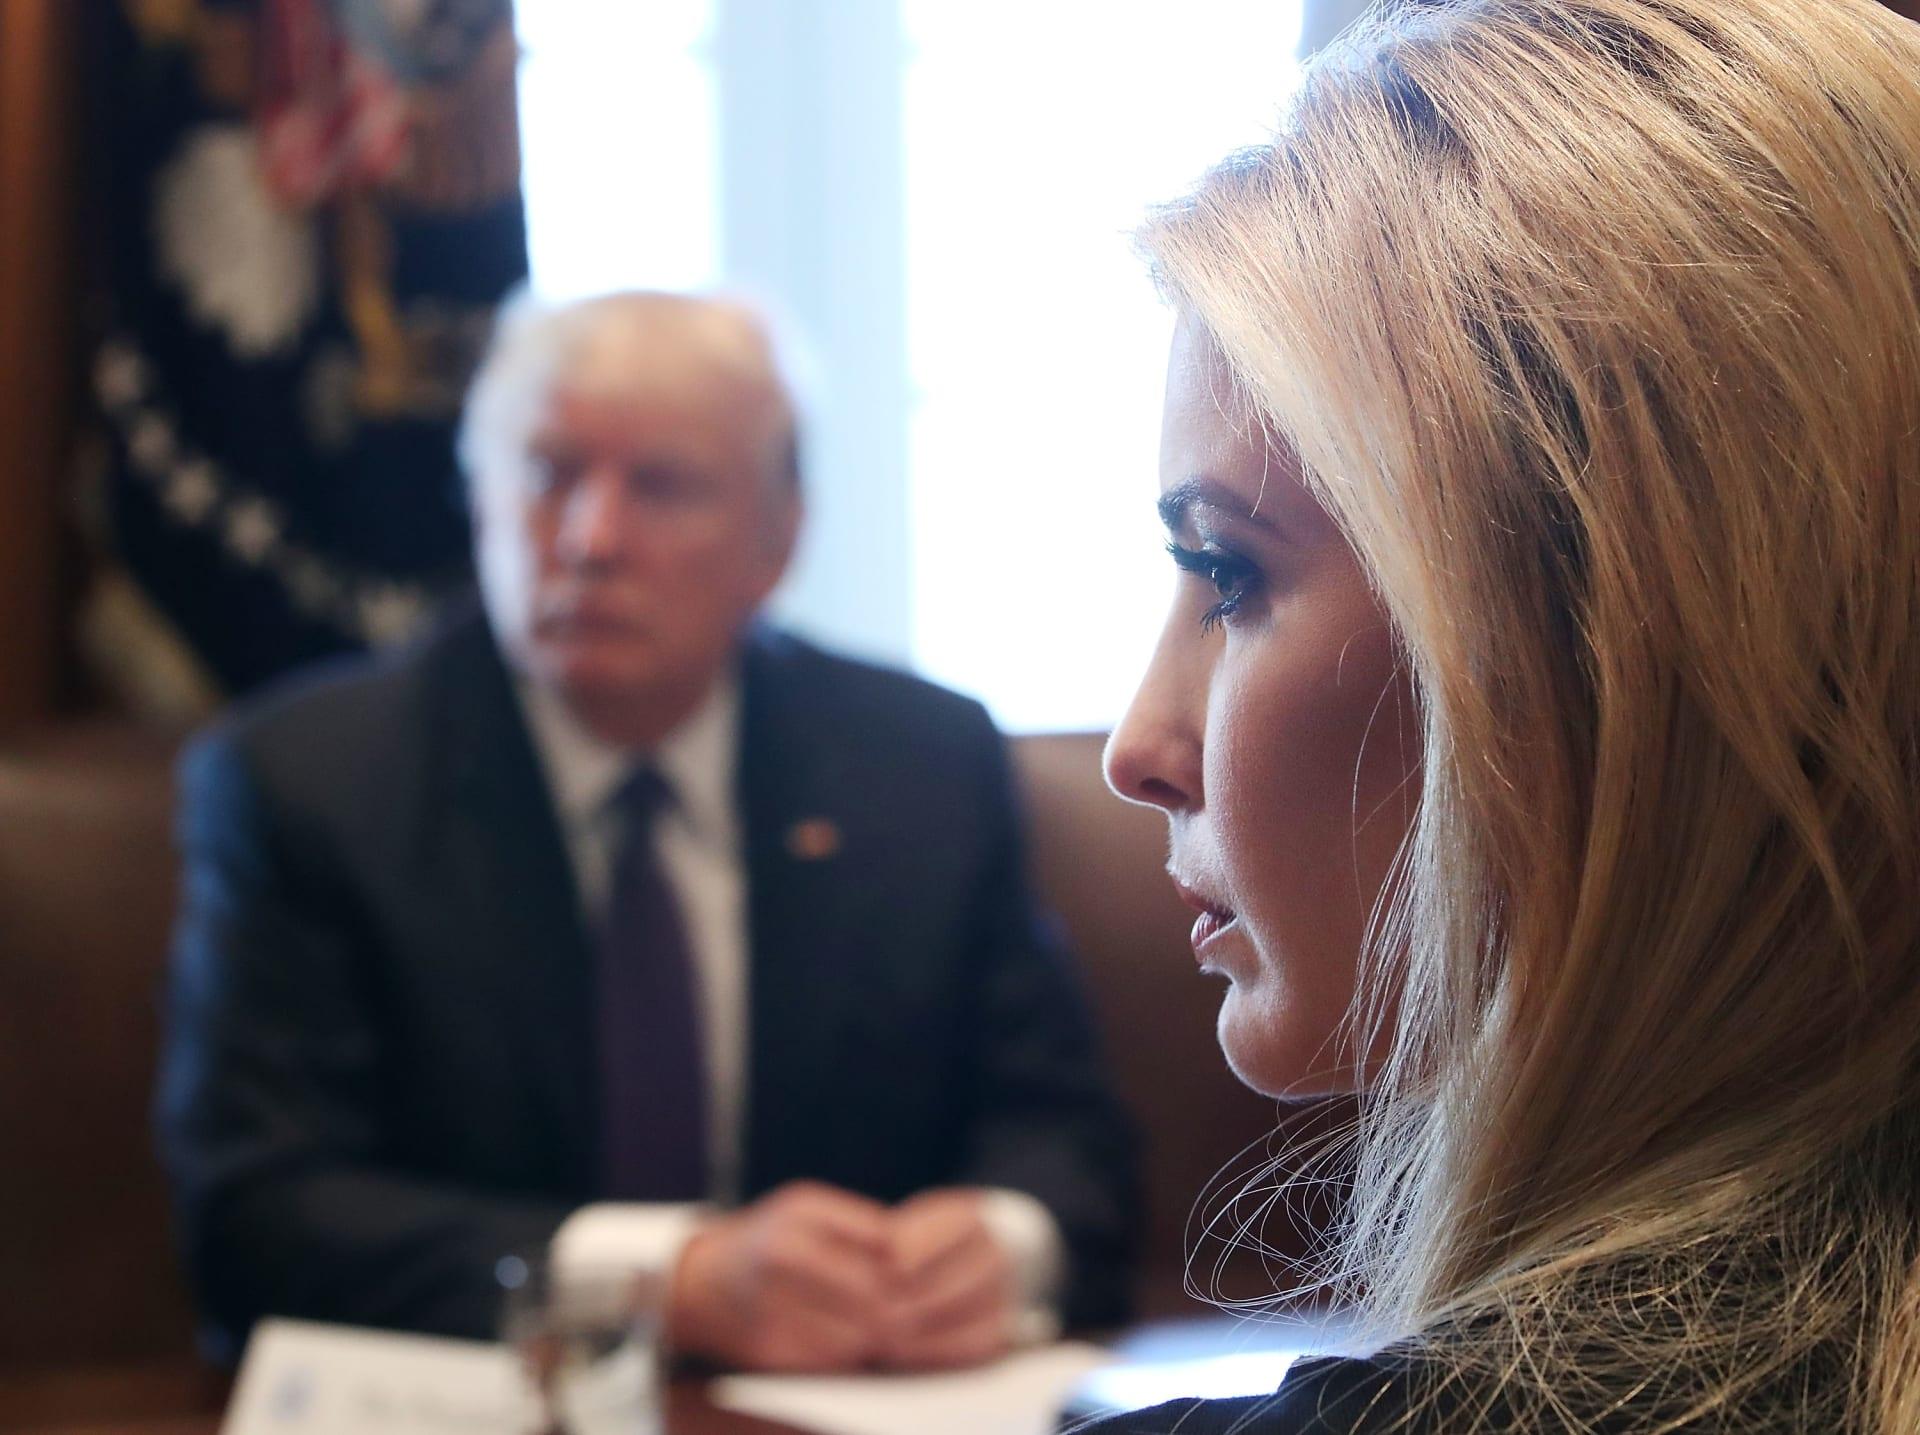 """إيفانكا ترامب عن تقارير """"تأثيرها"""" على والدها لتنفيذ الضربة الأمريكية على سوريا: تفسير غير دقيق"""